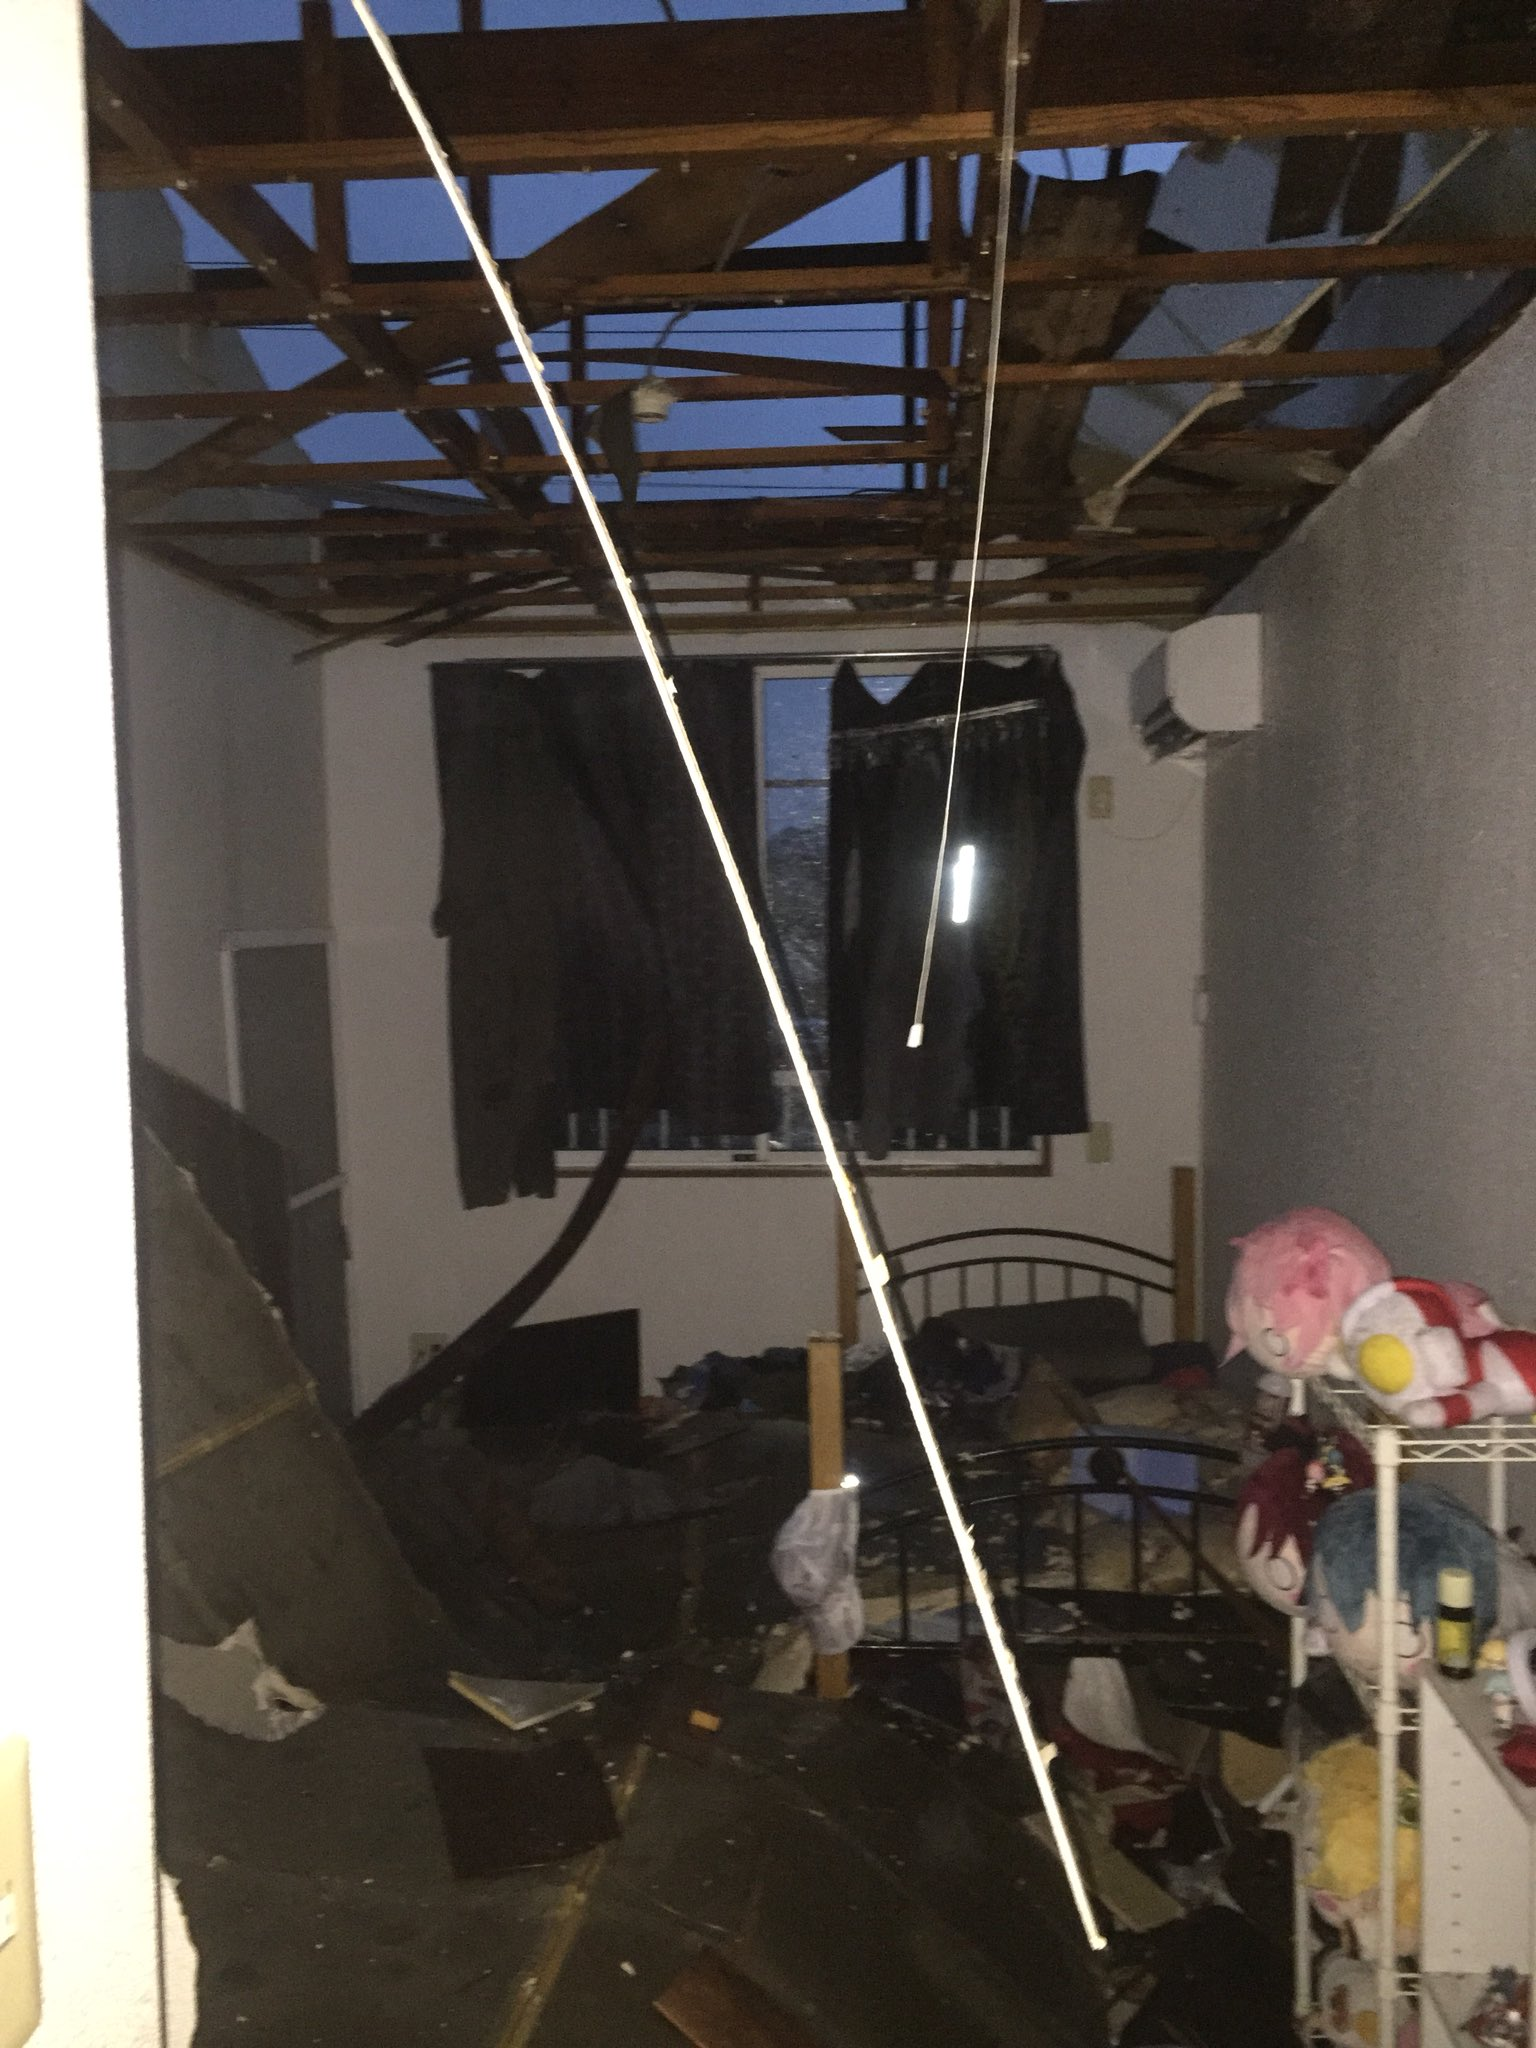 画像,ヤバイよアパートの屋根飛んで天井崩れた#台風15号 https://t.co/v7806Wjy61。